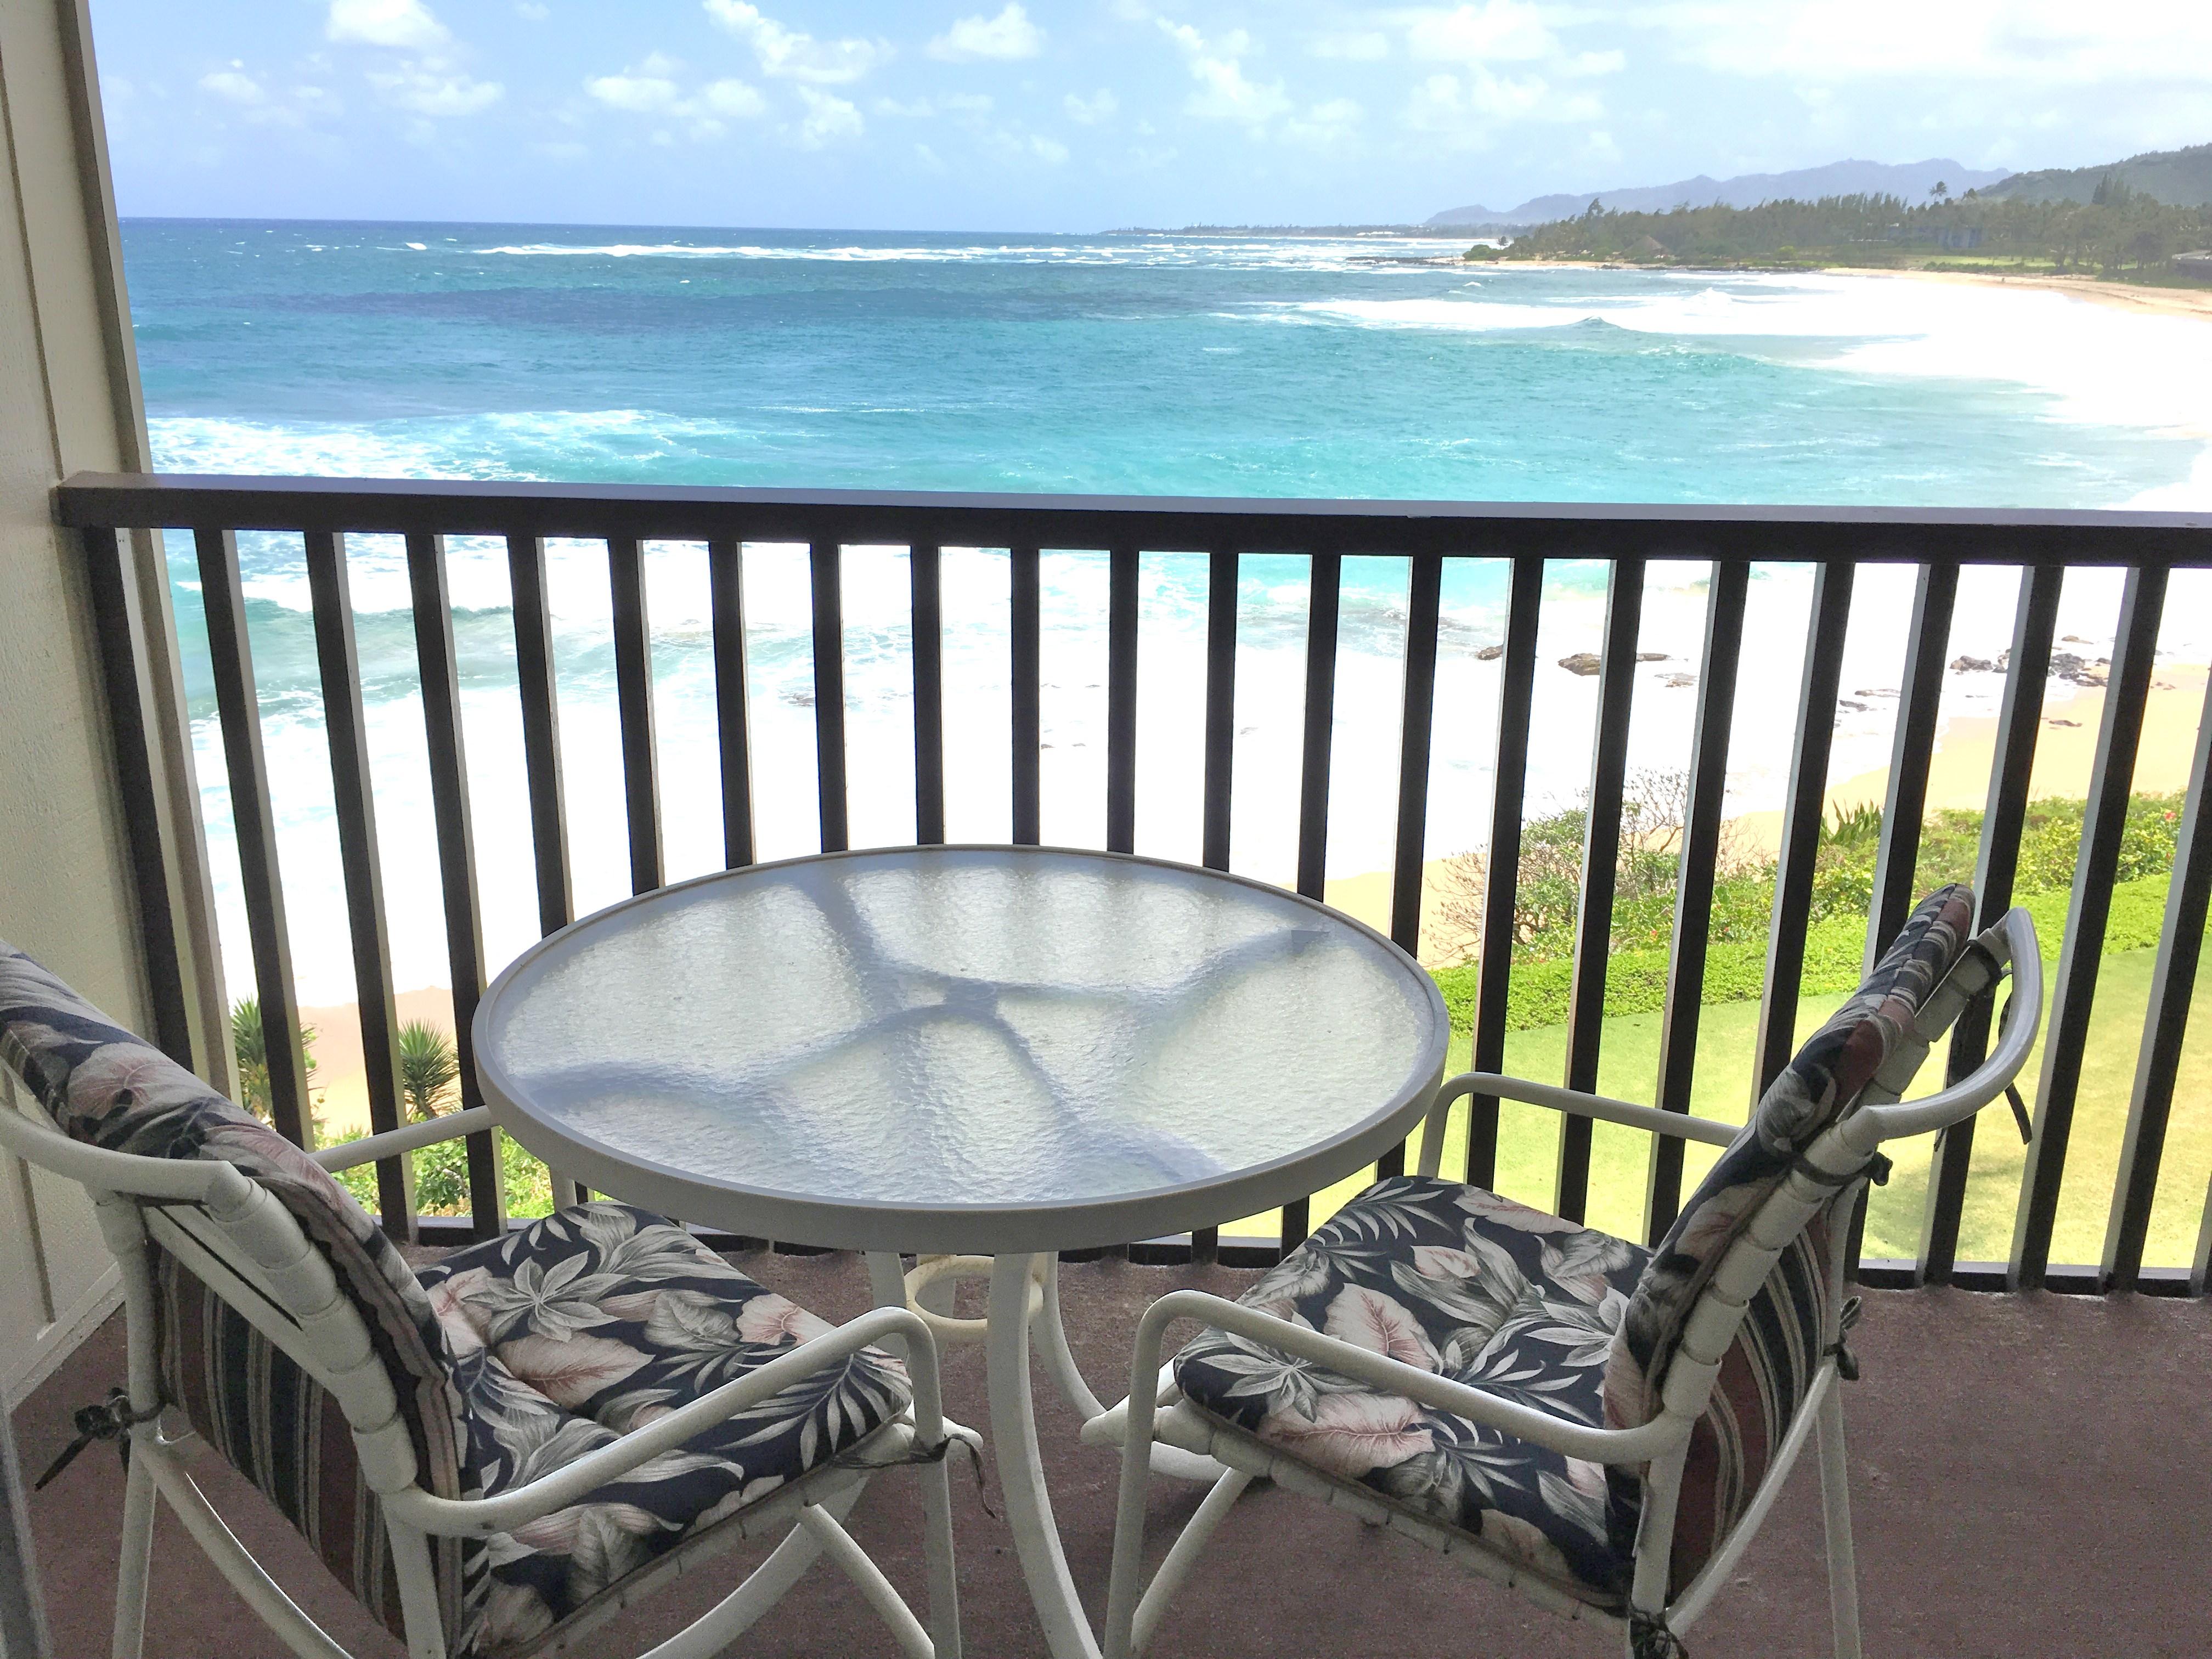 View from Wailua Bay View 215 condo